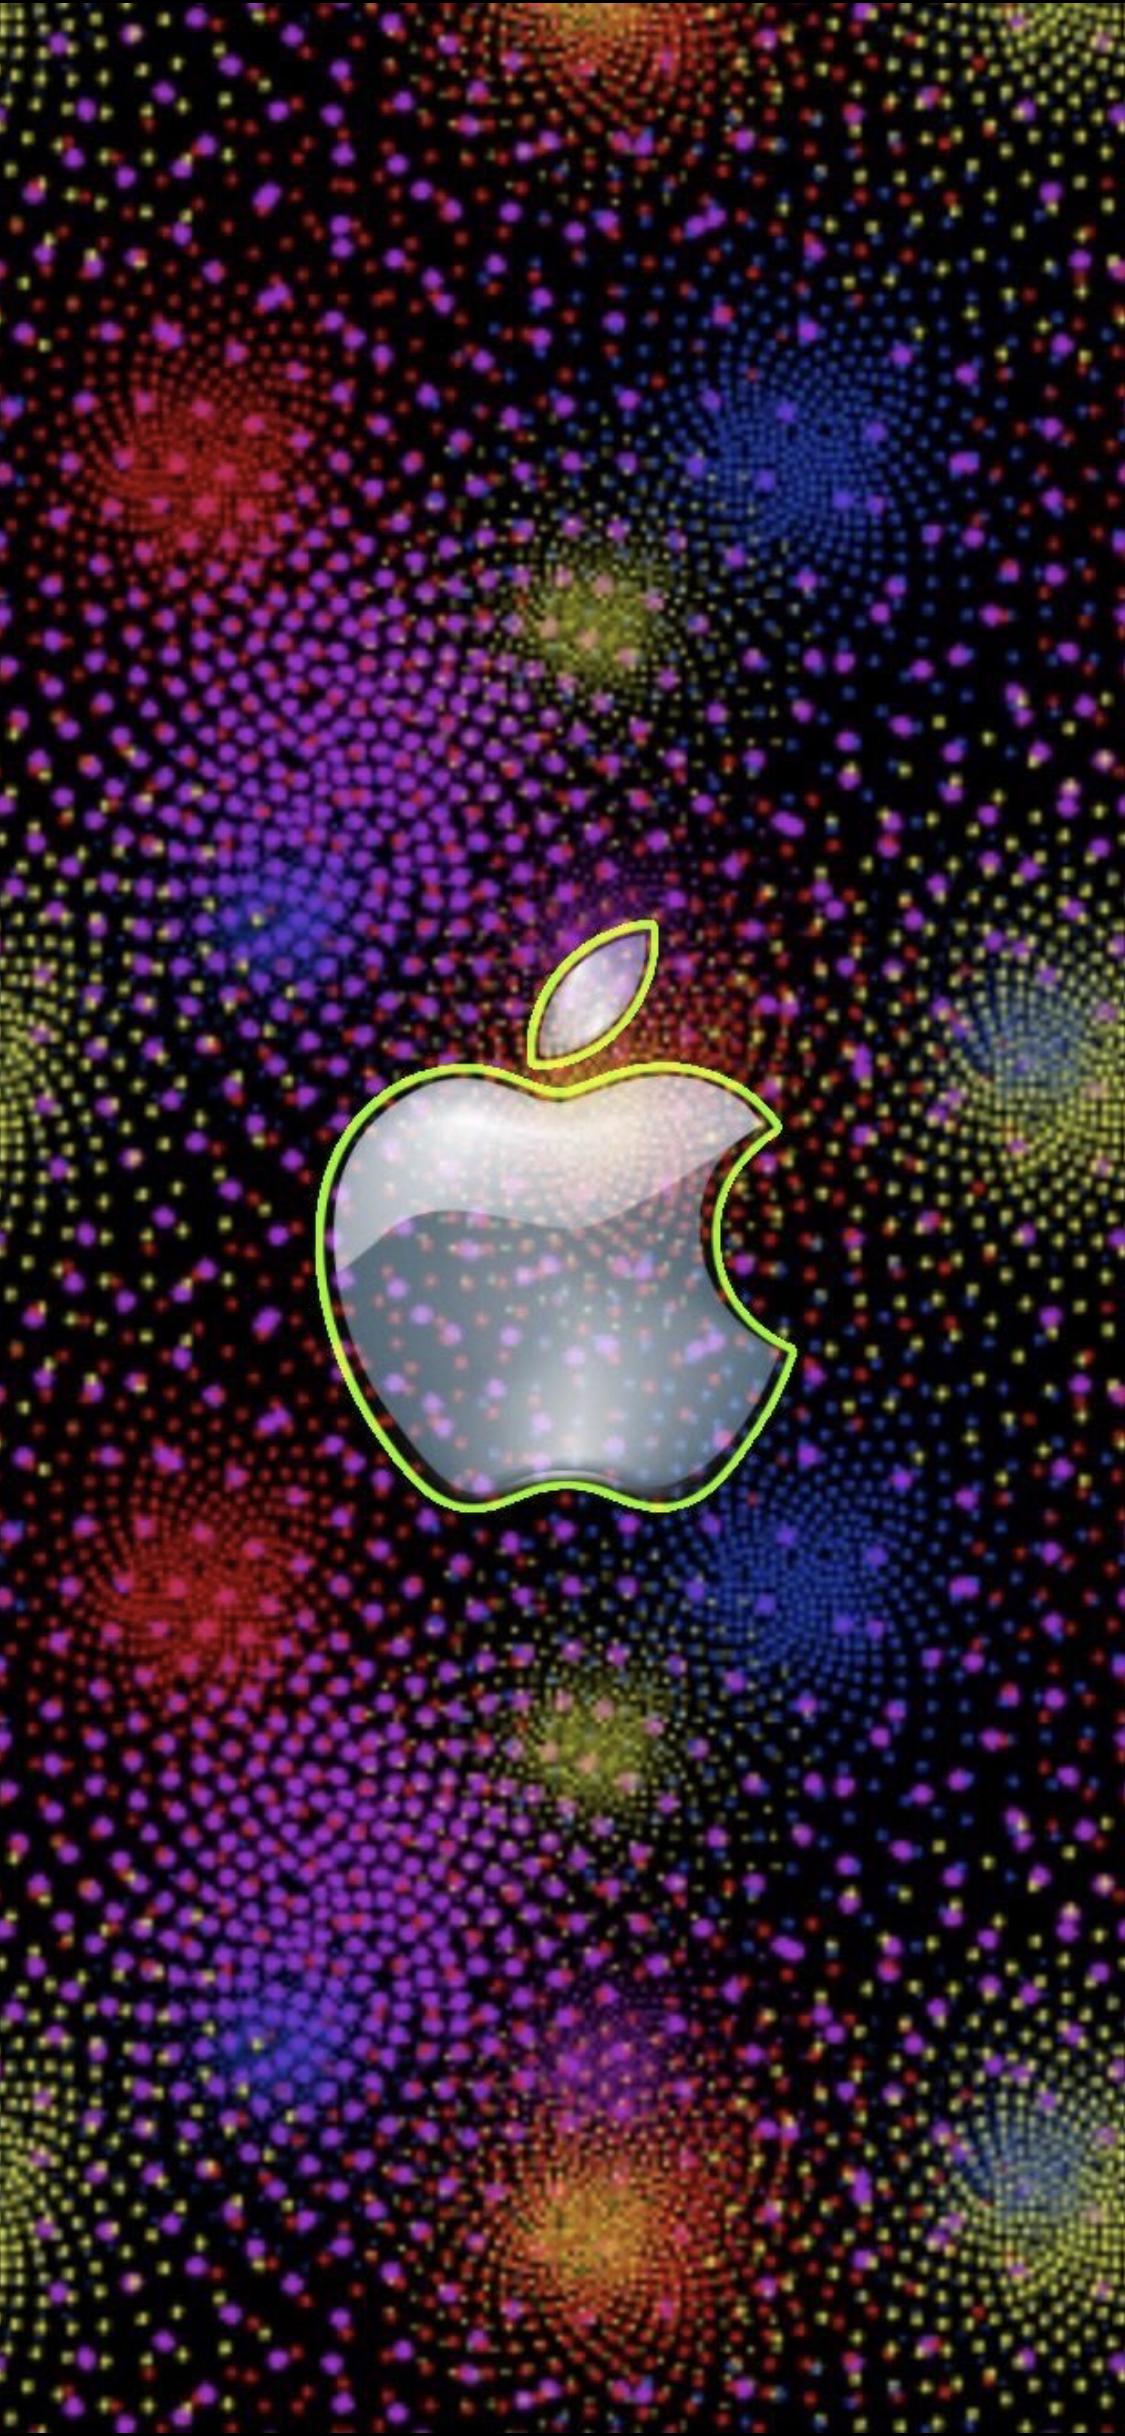 Épinglé par Ahmed Leulmi sur Ecran apple en 2020 Fond d